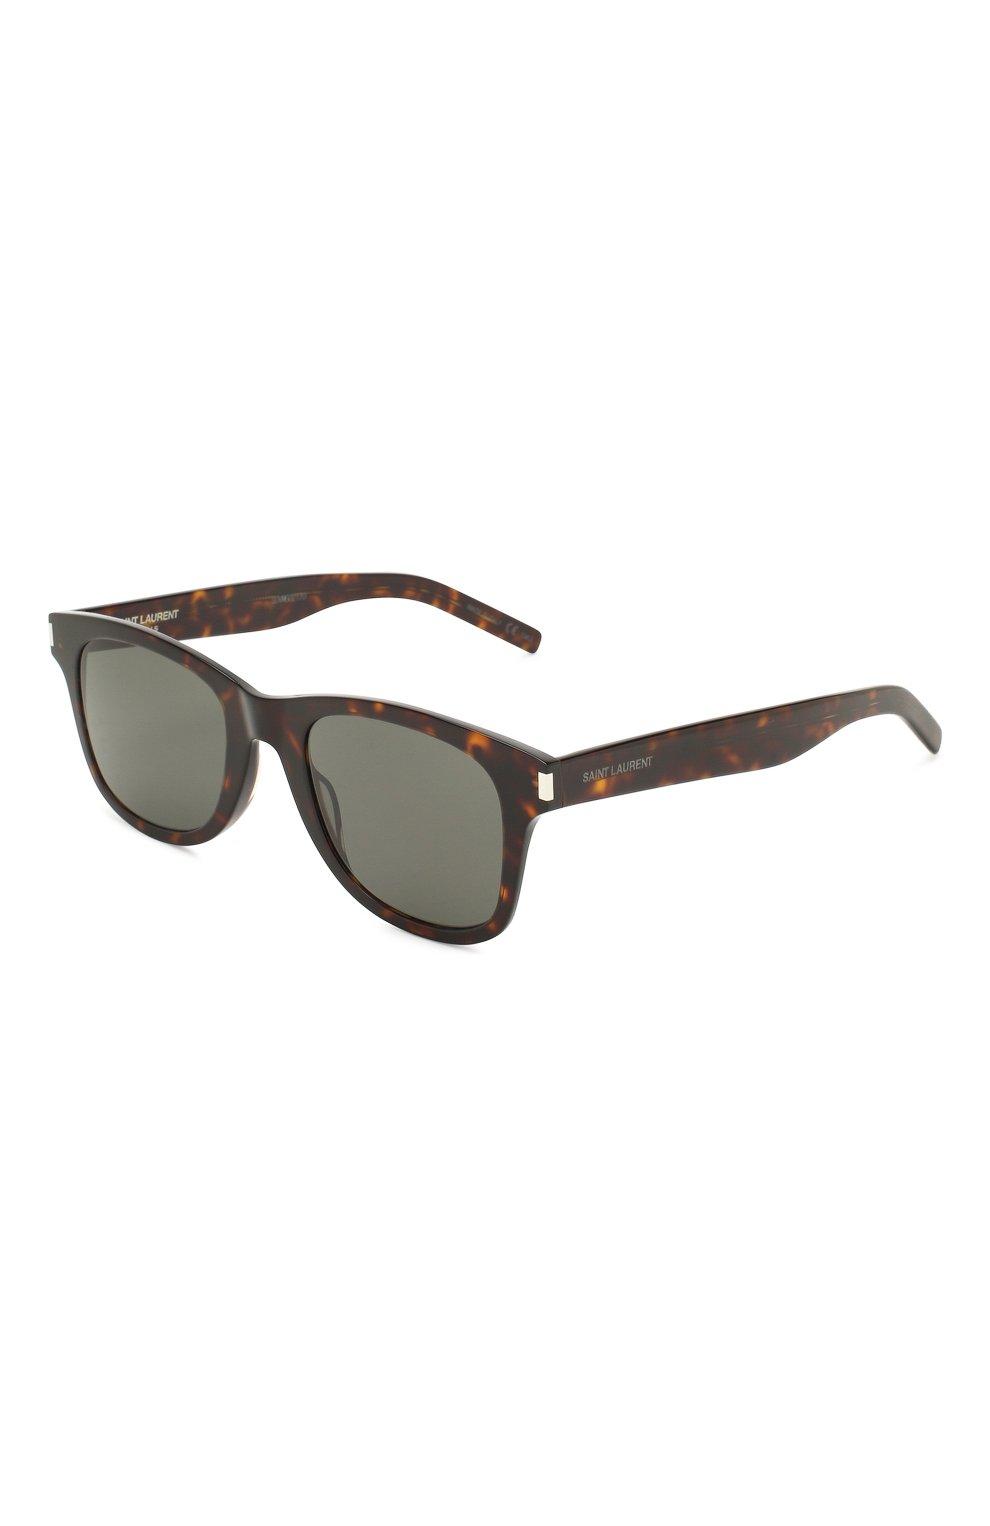 Женские солнцезащитные очки SAINT LAURENT коричневого цвета, арт. SL 51-B SLIM 003 | Фото 1